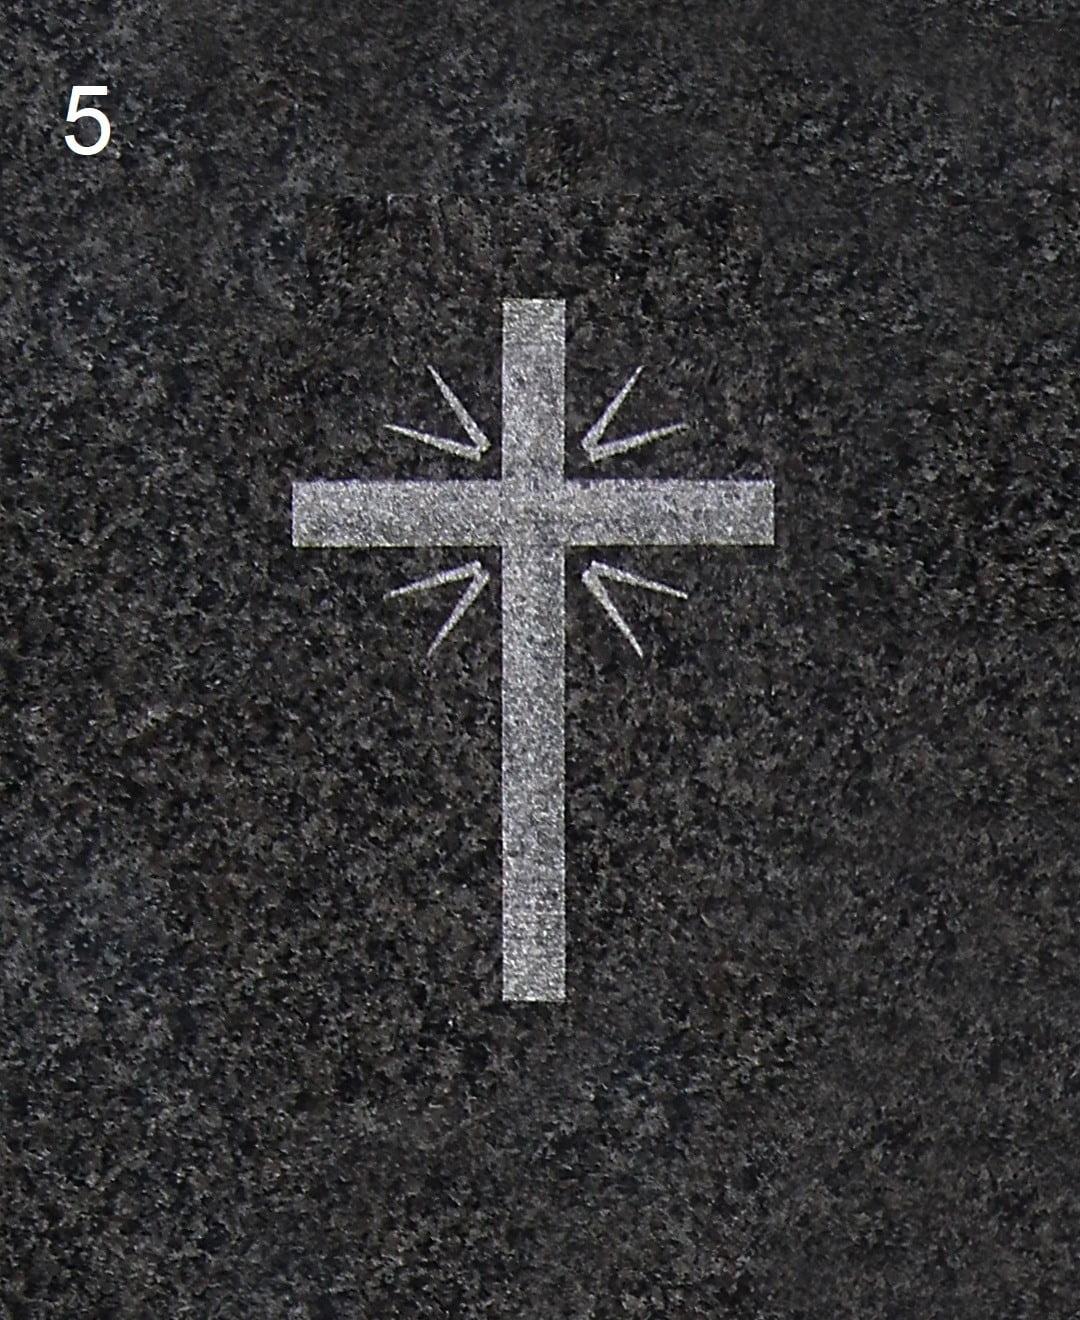 Krzyż - Nagrobki Bielsko-Biała